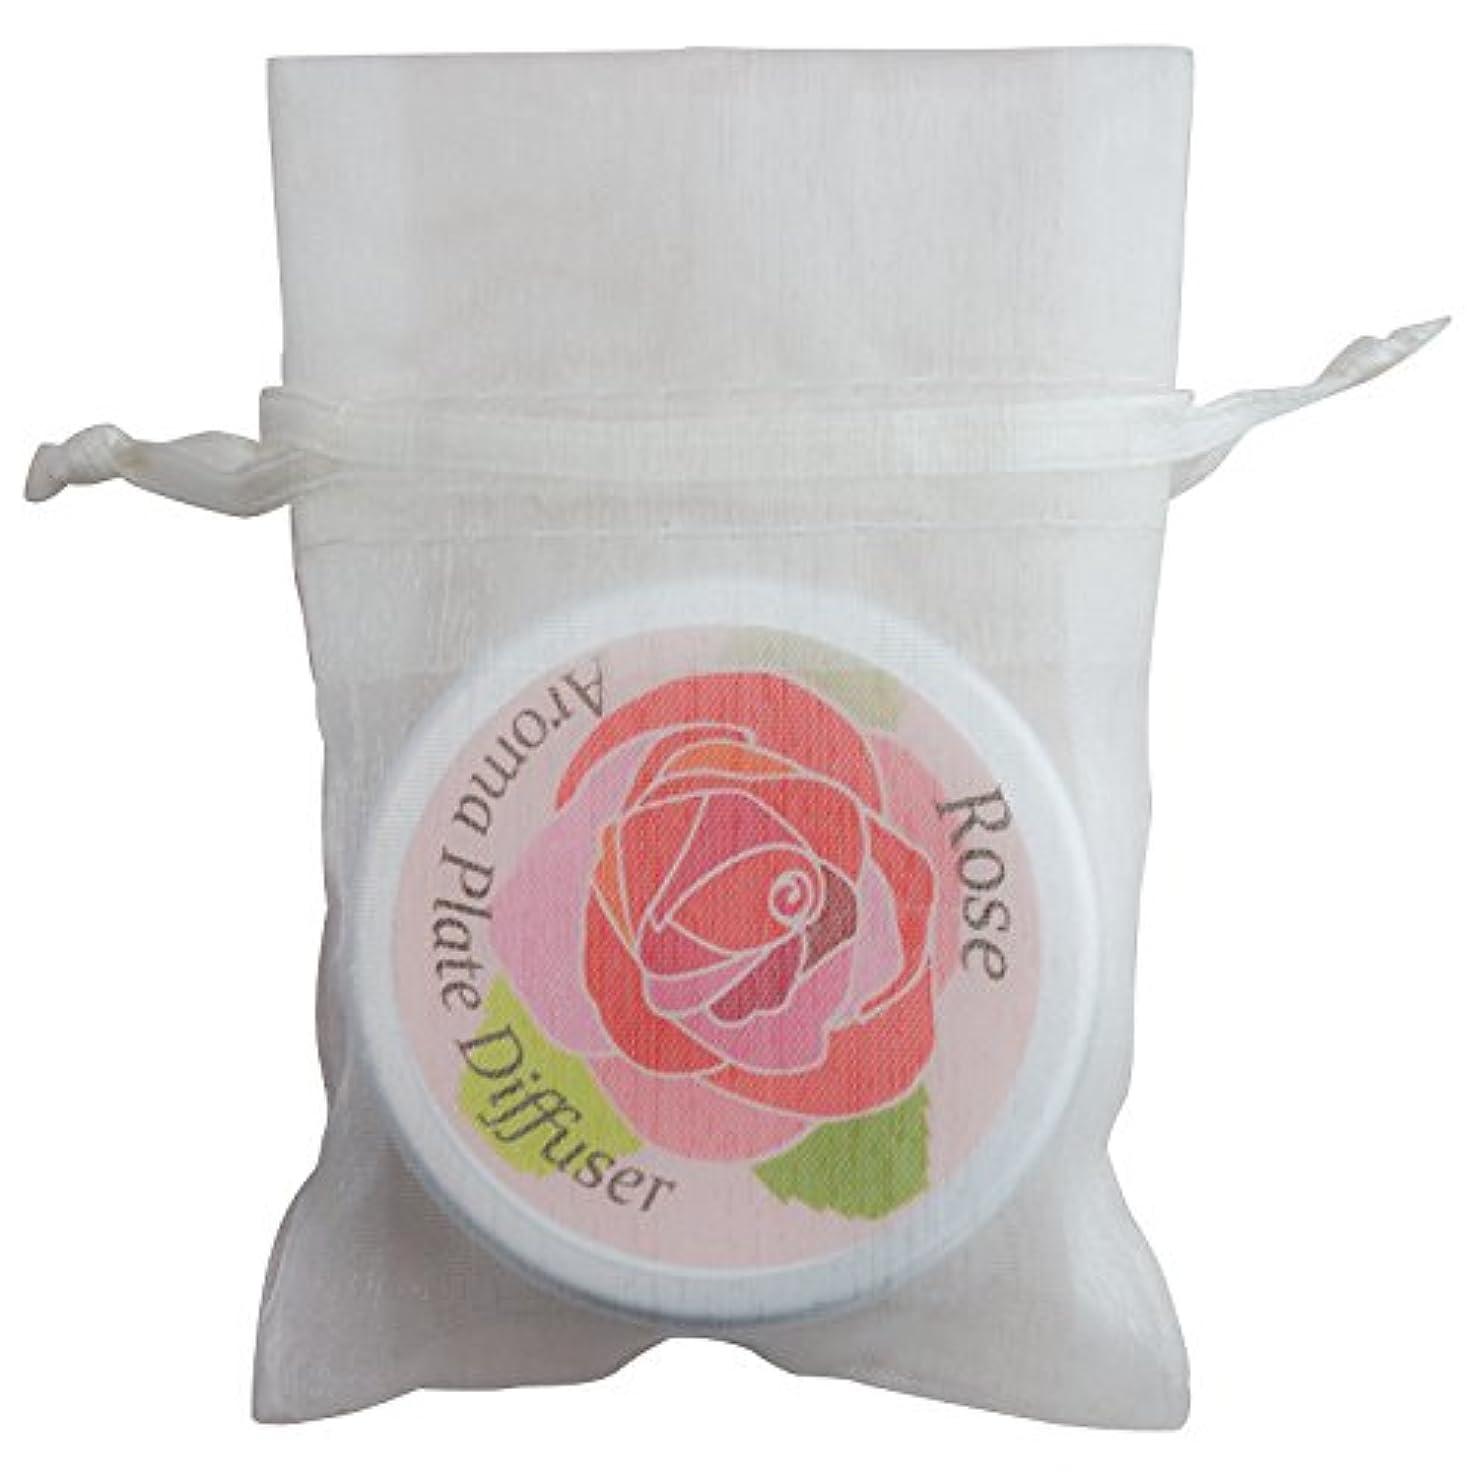 純粋なエスカレート貝殻アロマラボ 伊万里製 アロマプレート(ローズデザイン) アルミ缶入 オーガンジー袋つき